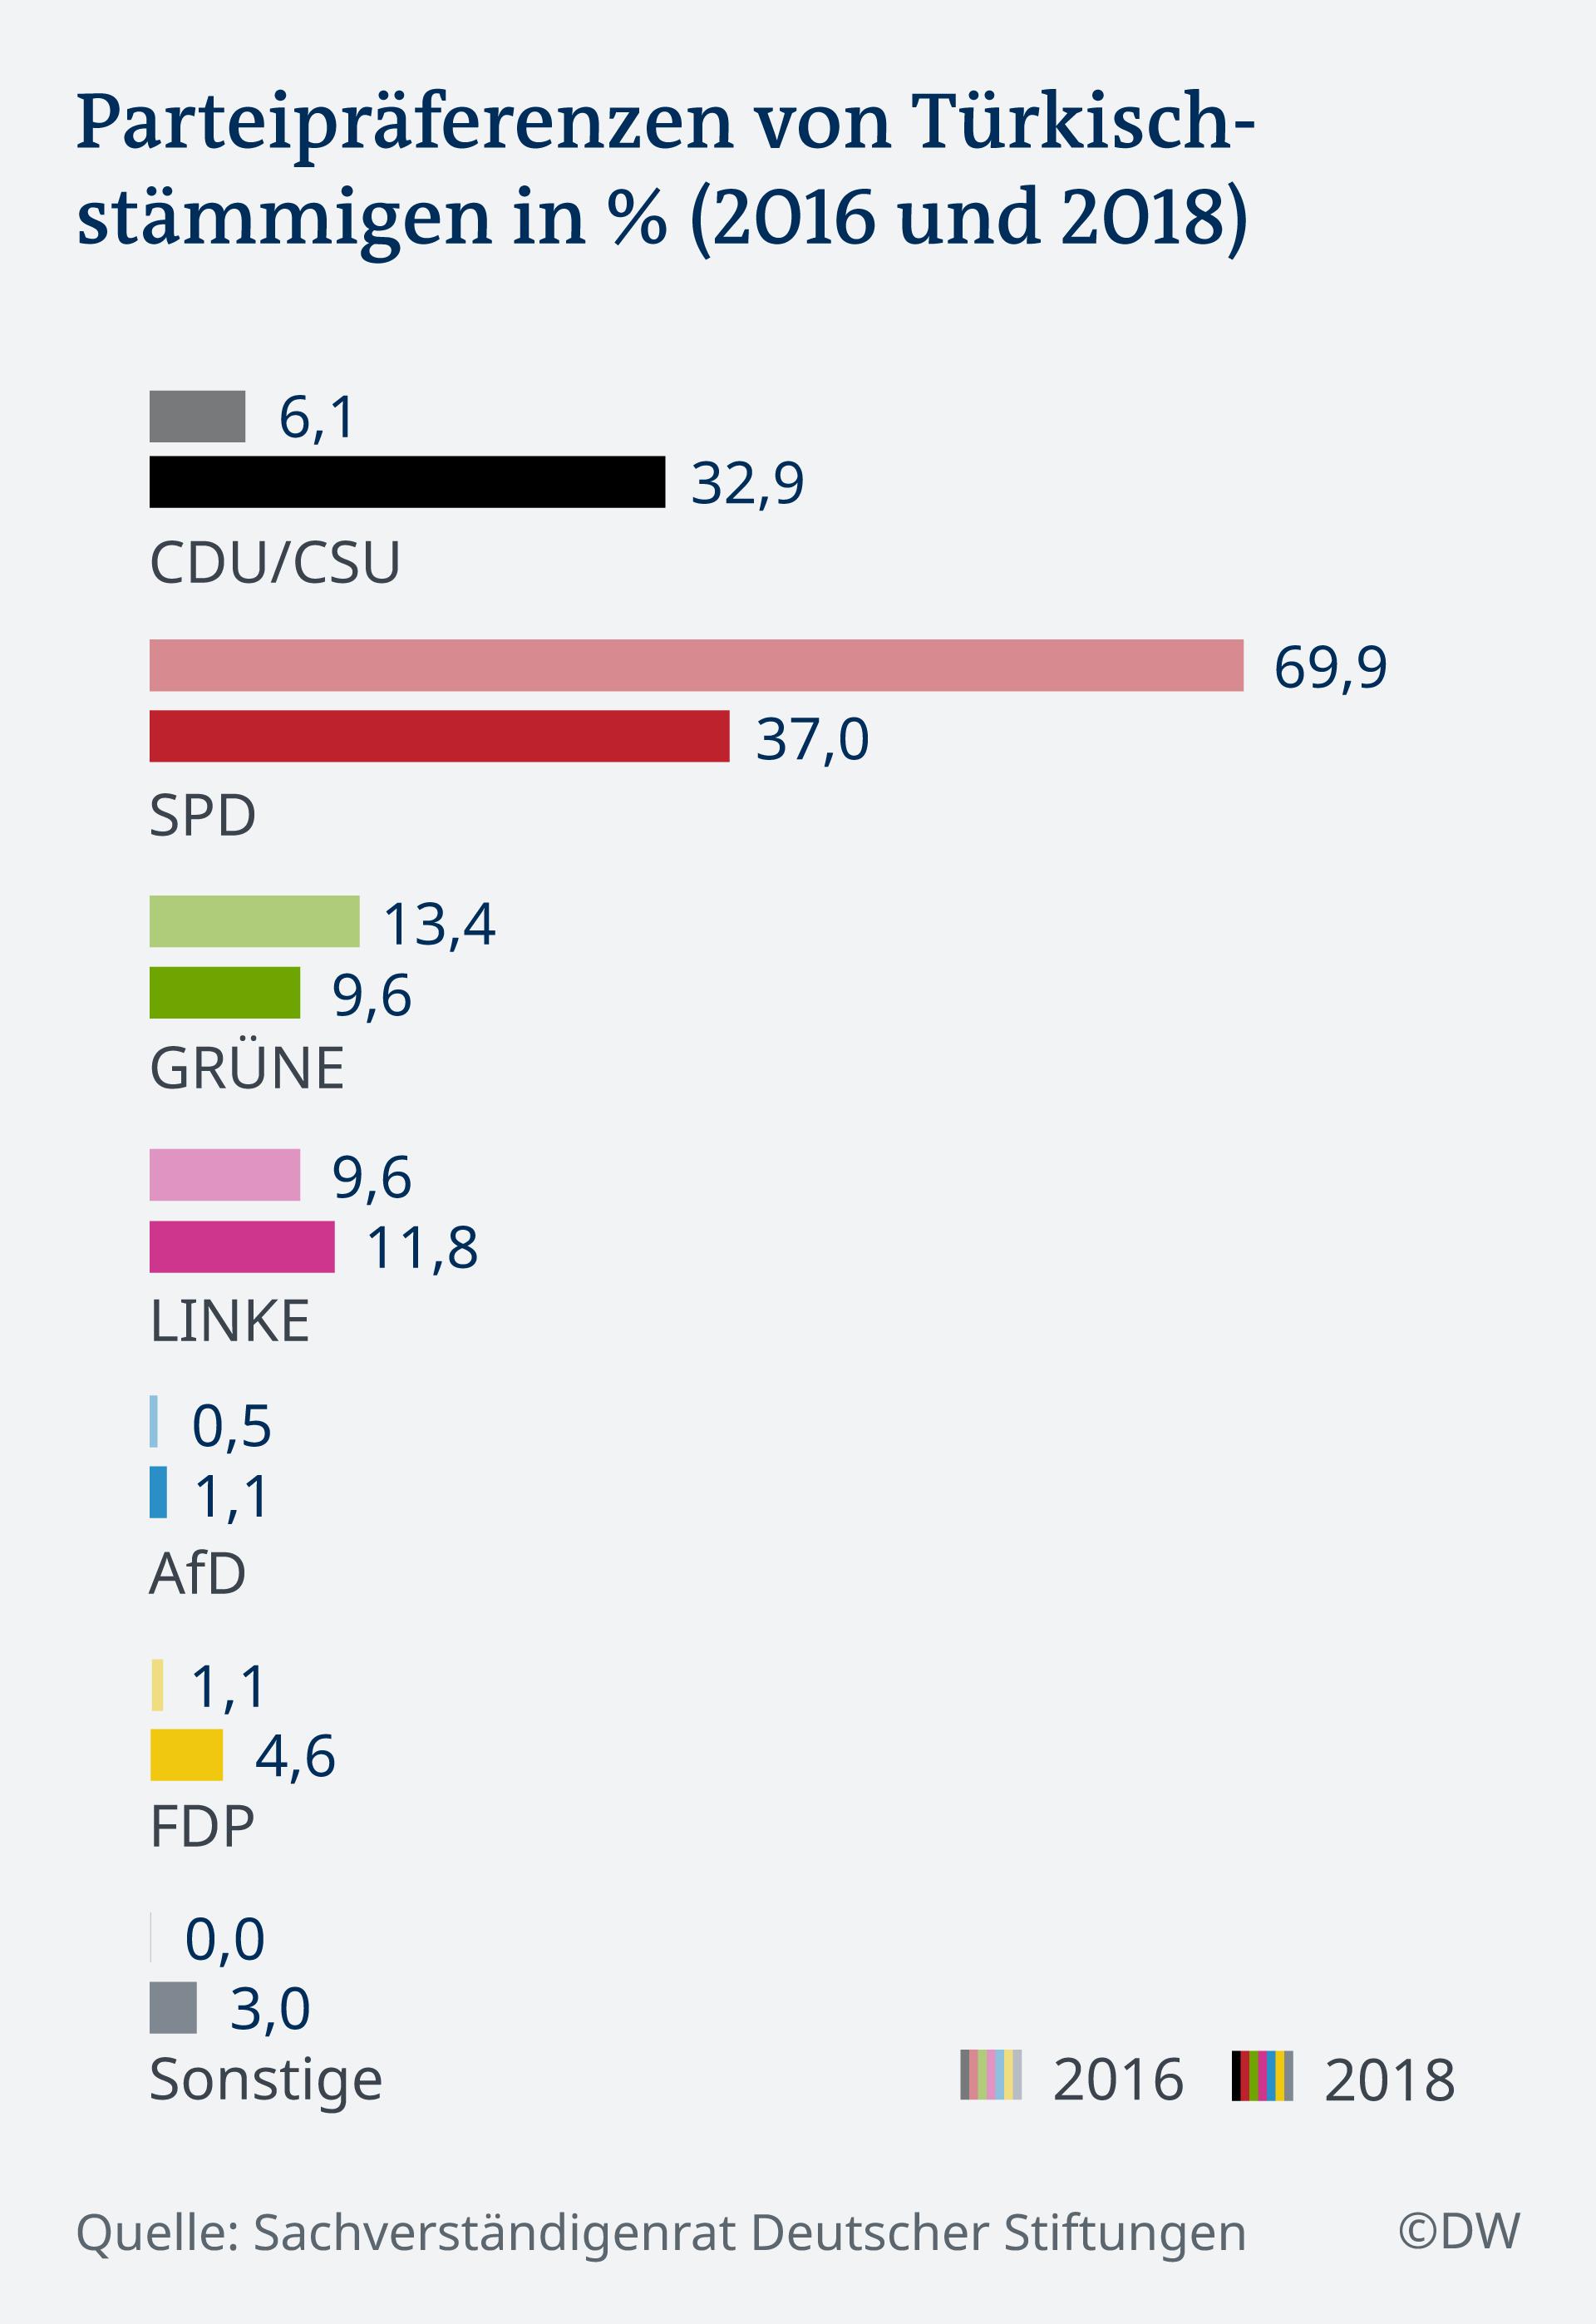 Infografik Parteipräferenzen von Türkischstämmigen in % (2016 und 2018) DE